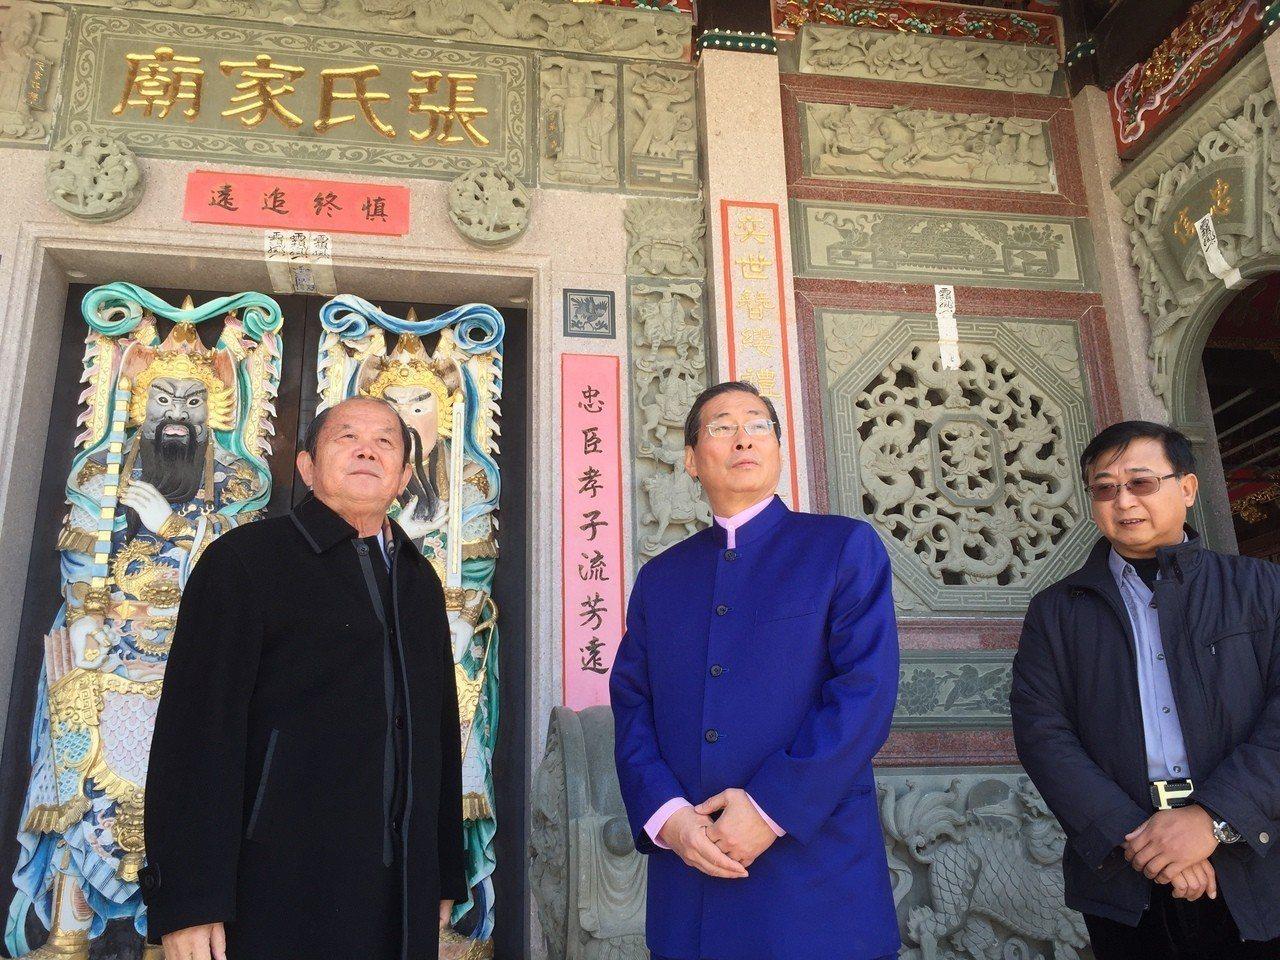 中華統一促進黨總裁張安樂(中)今天到金沙鎮青嶼的張氏家廟祭祖,受到張氏族人的熱烈...